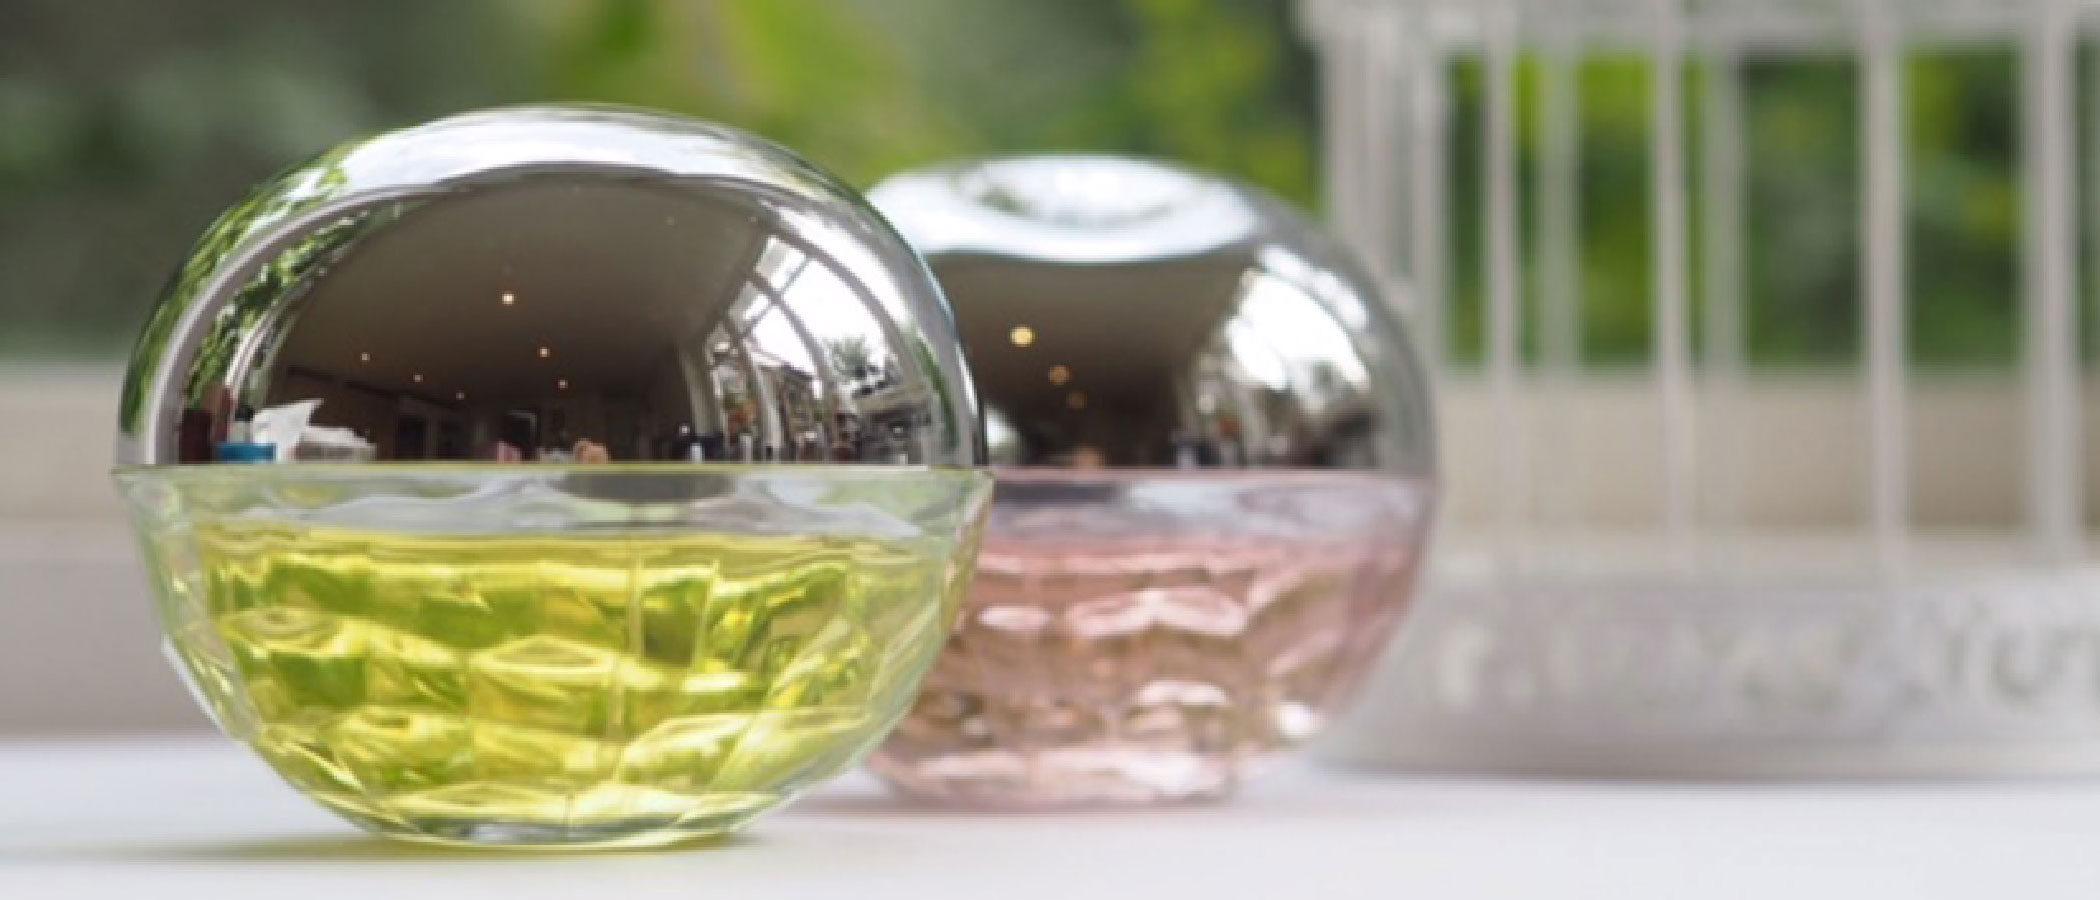 DKNY y sus novedades para este otoño: 'Be Delicious Crystallized' de Donna Karan